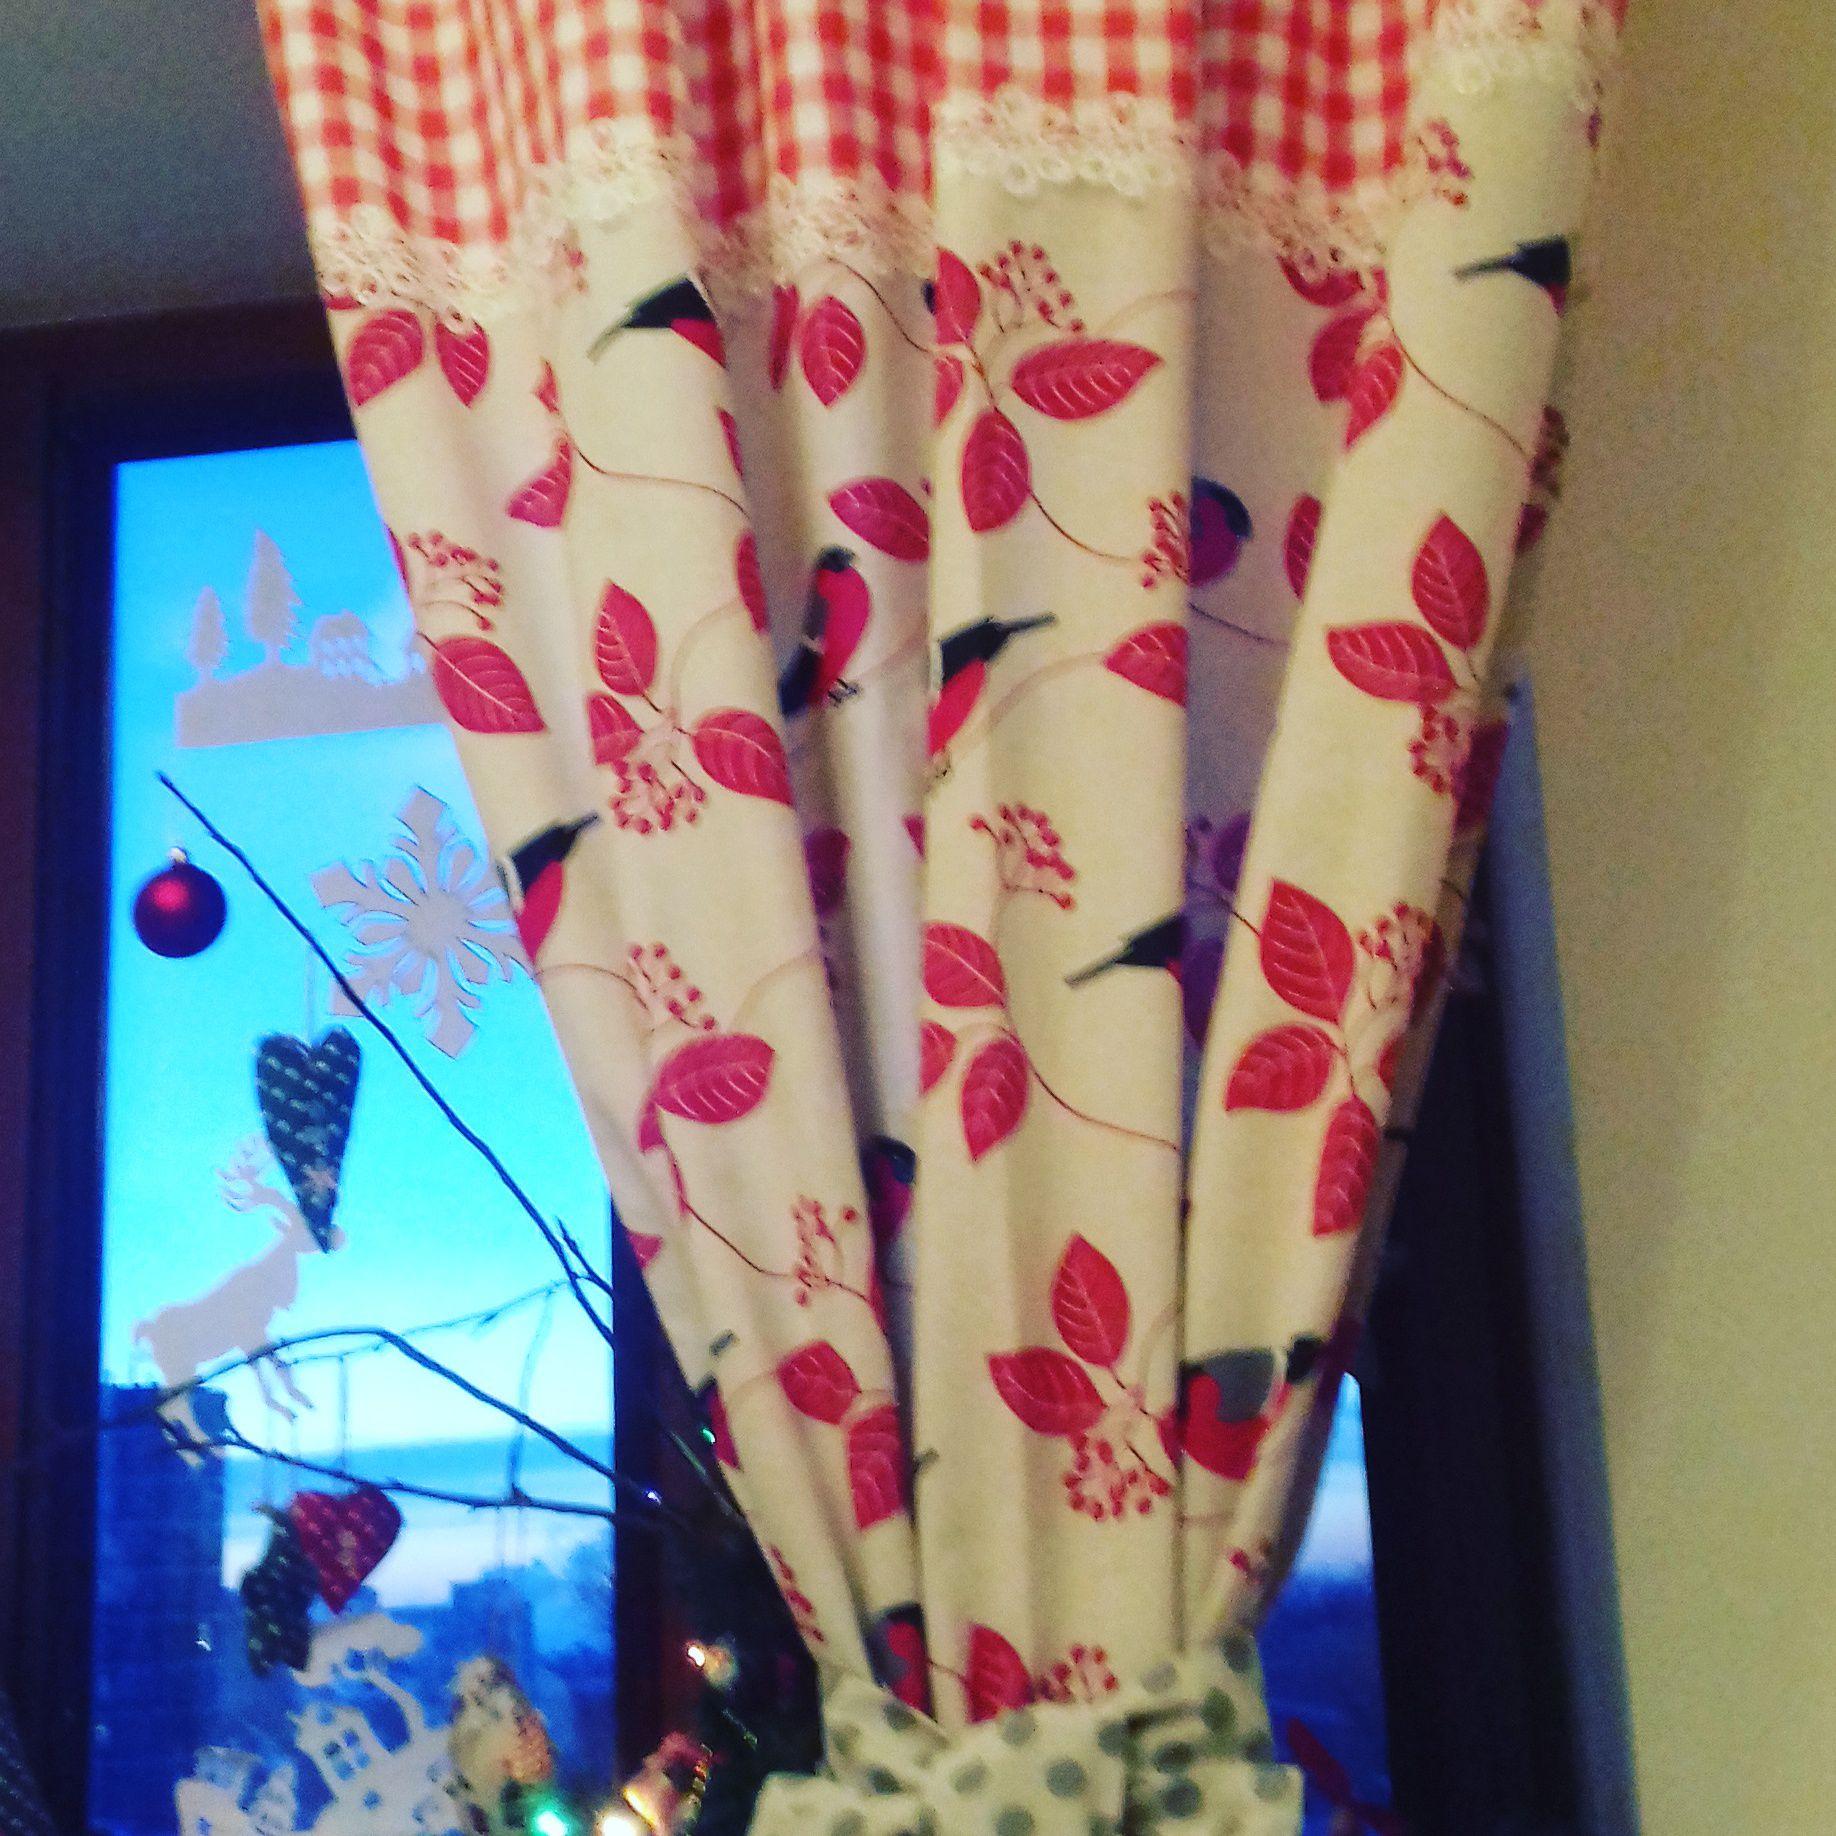 семья кухонный 8 дом марта шторы подаки быт текстиль дача женщине кухня